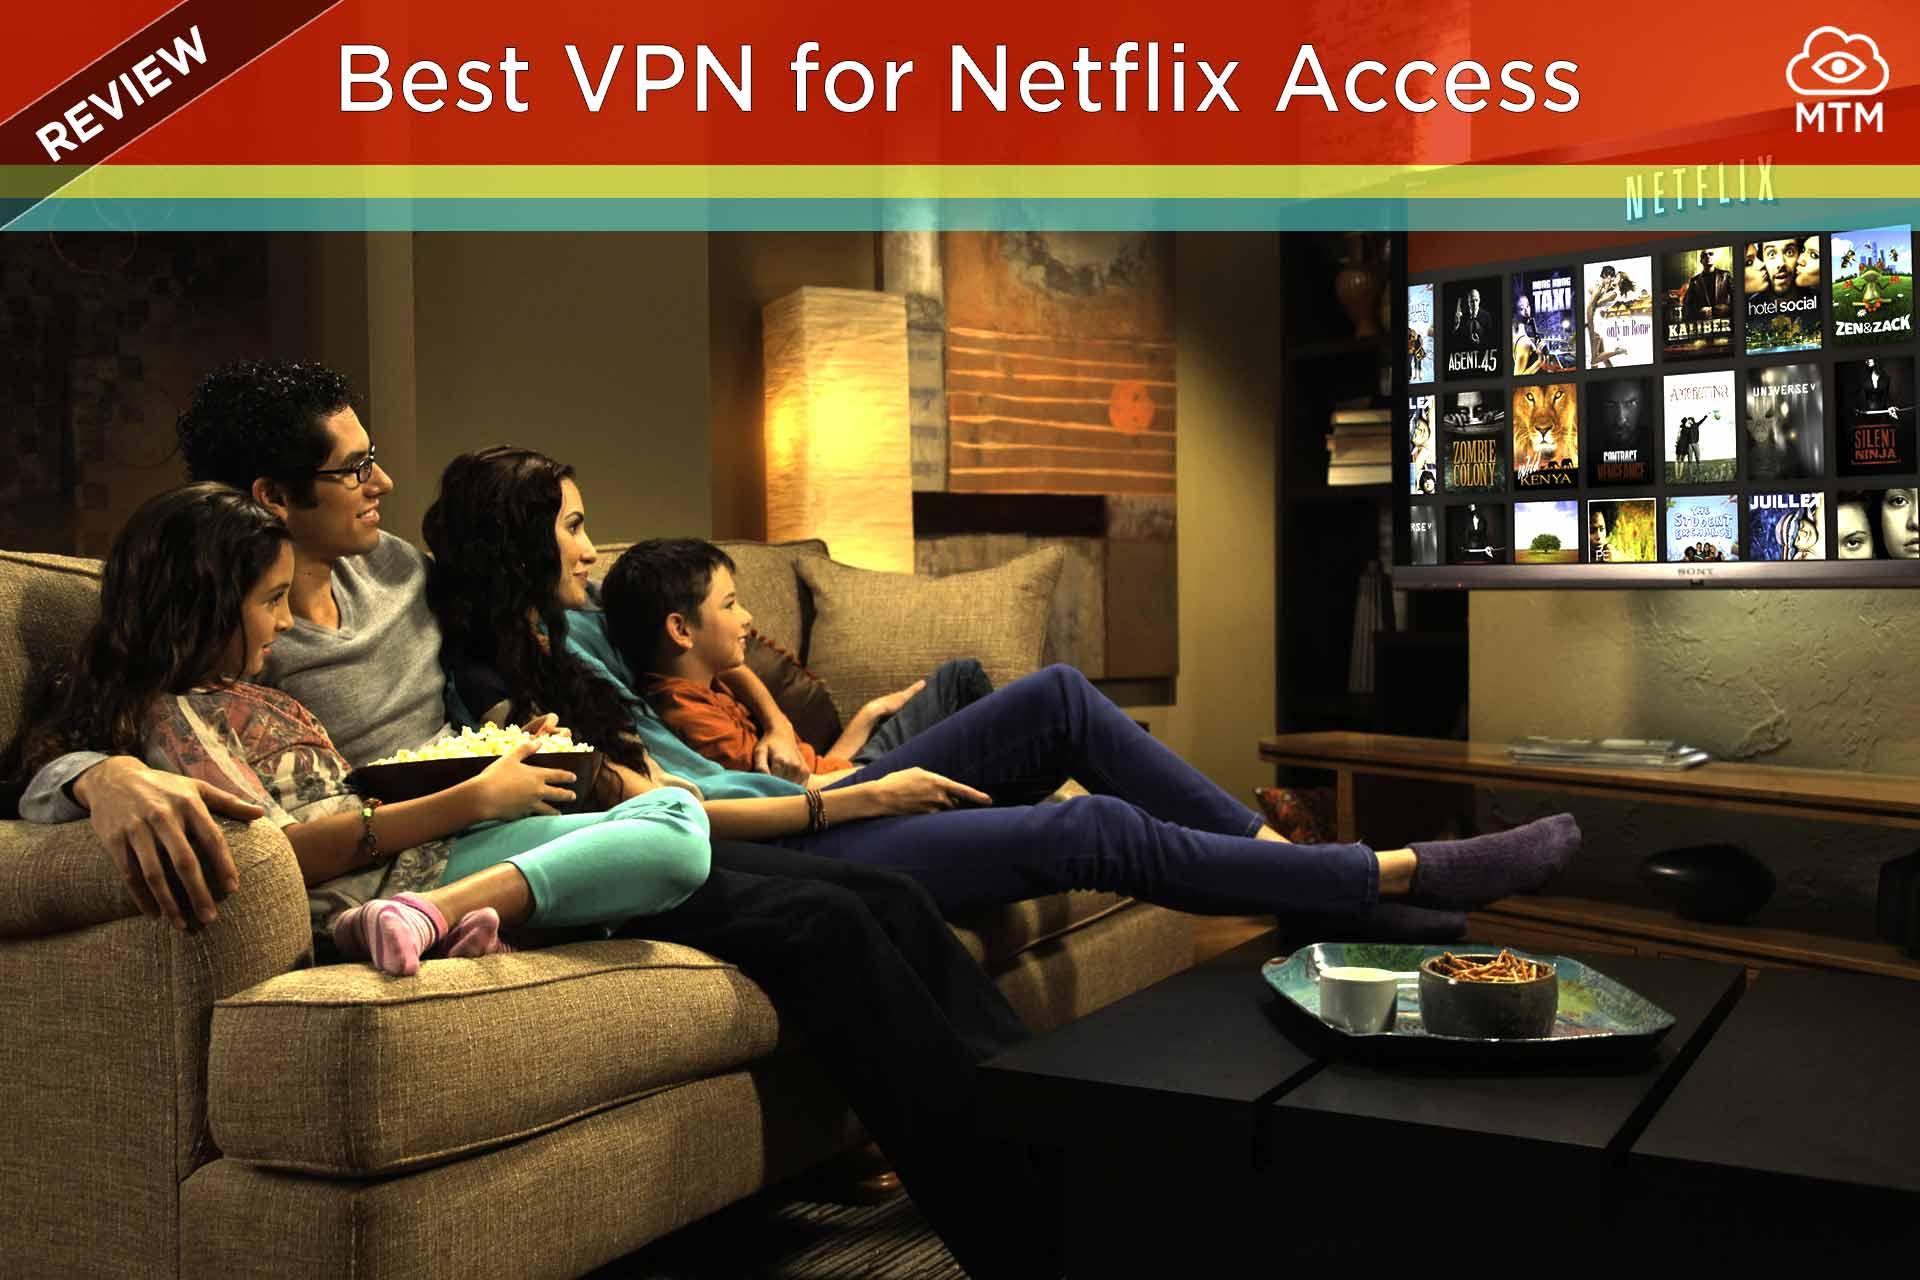 VPN onena desblokeatu eta ikusi Netflix nonahi